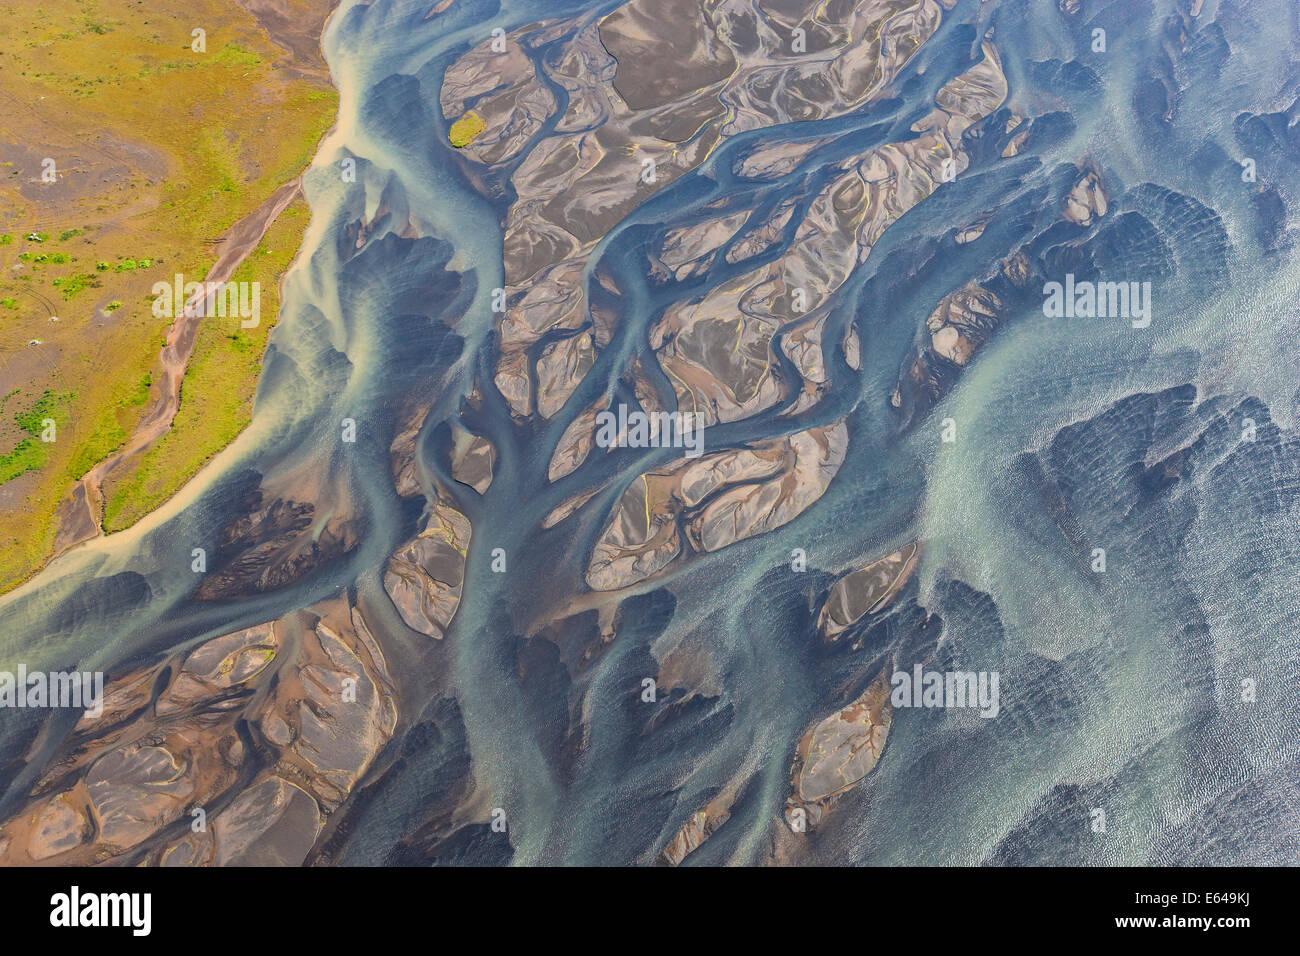 Vue aérienne de la rivière Hosa colorés par la fonte des glaciers, l'Islande SW Banque D'Images